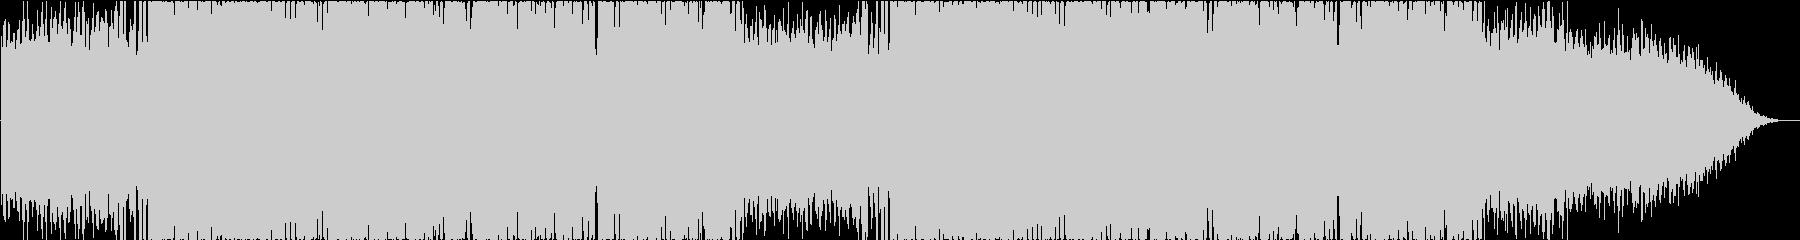 チルアウト、ラウンジ、ヒップホップの未再生の波形